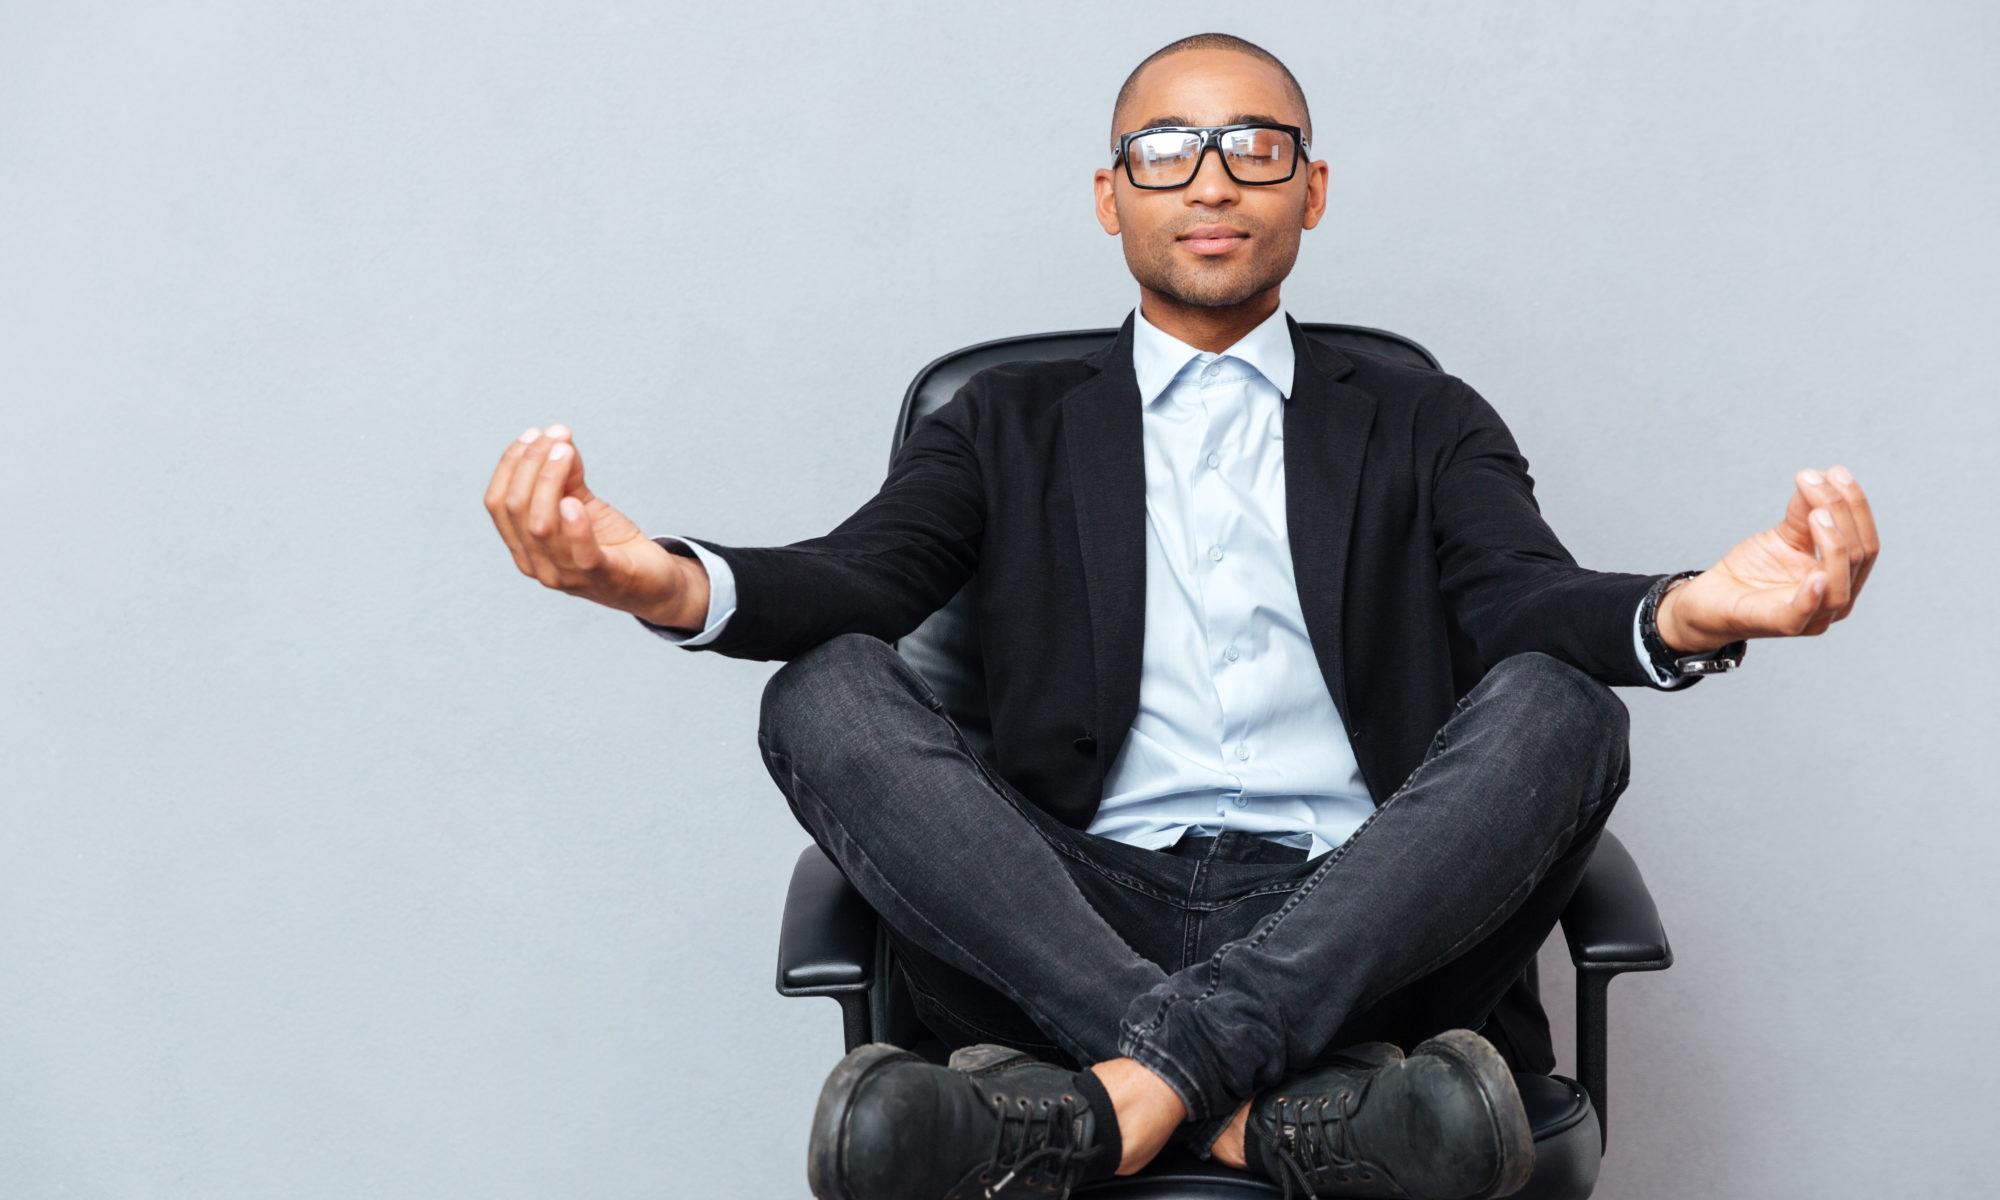 איש עושה מדיטציה על כסא